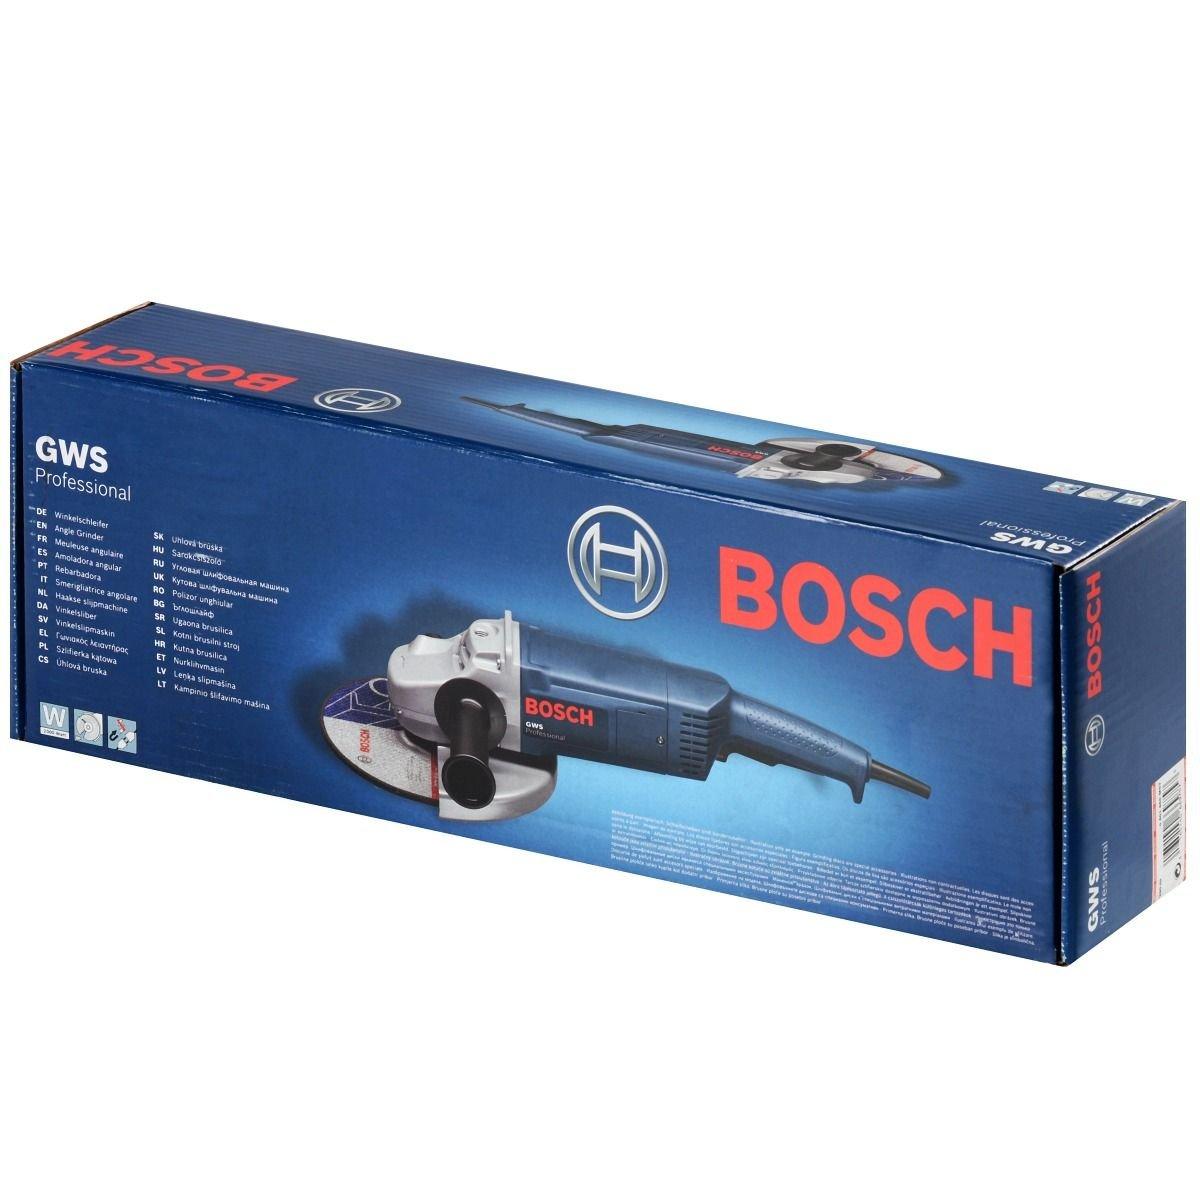 Amoladora profesional Bosch GWS 20-230 por solo 102,64€